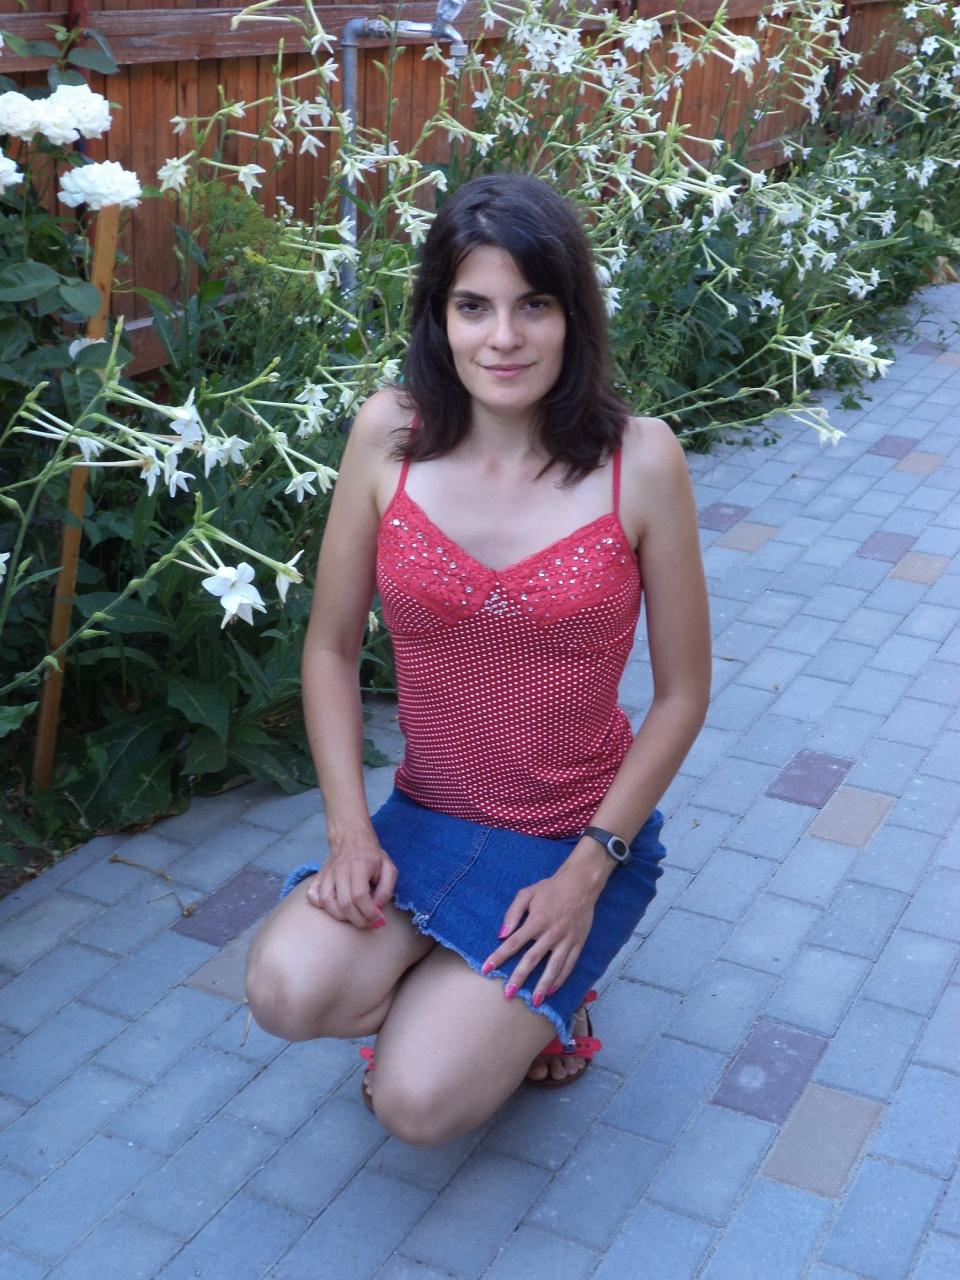 Ingyenes online ukrán társkereső